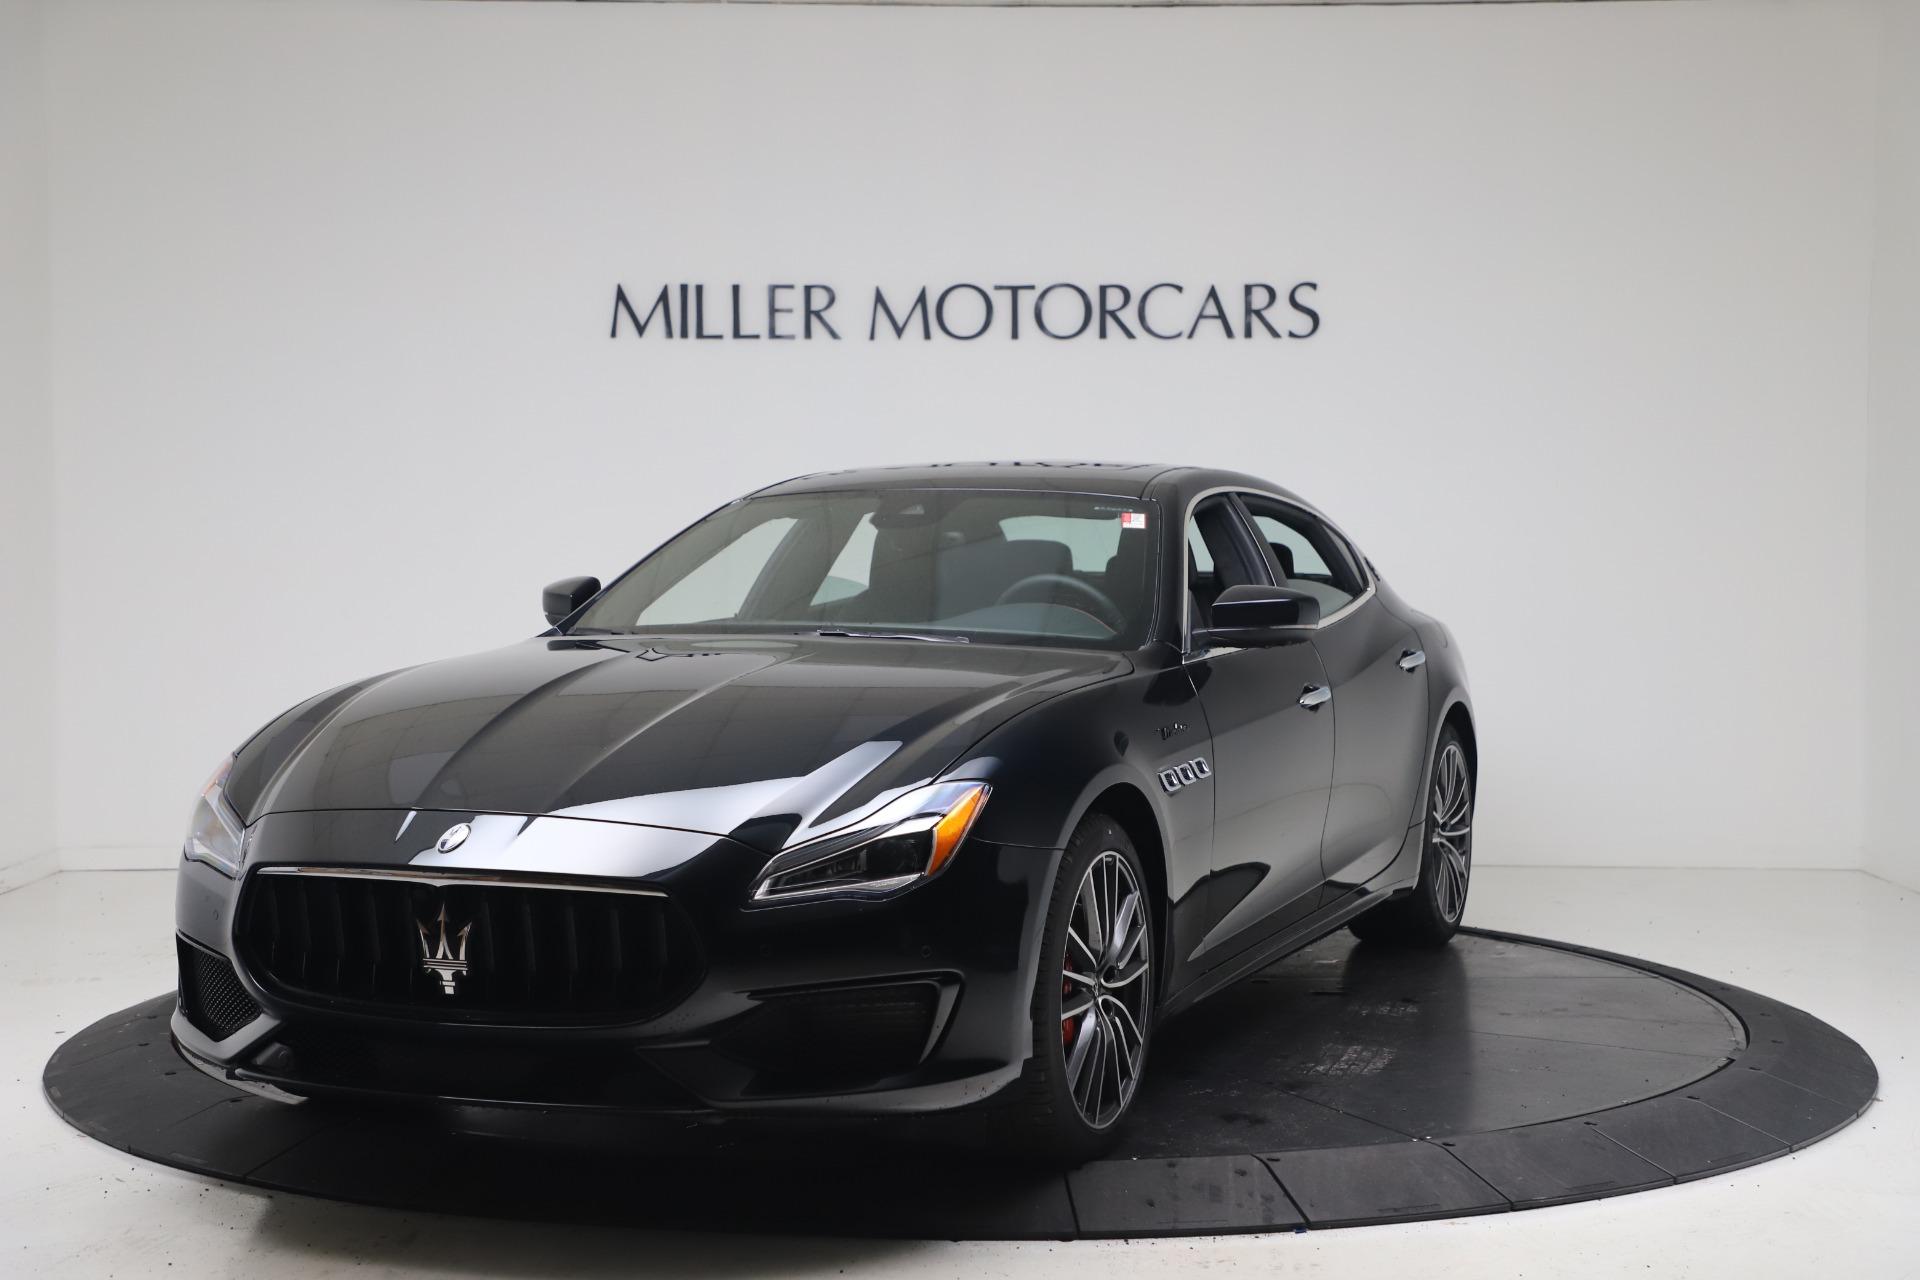 New 2022 Maserati Quattroporte Modena Q4 for sale $128,775 at McLaren Greenwich in Greenwich CT 06830 1